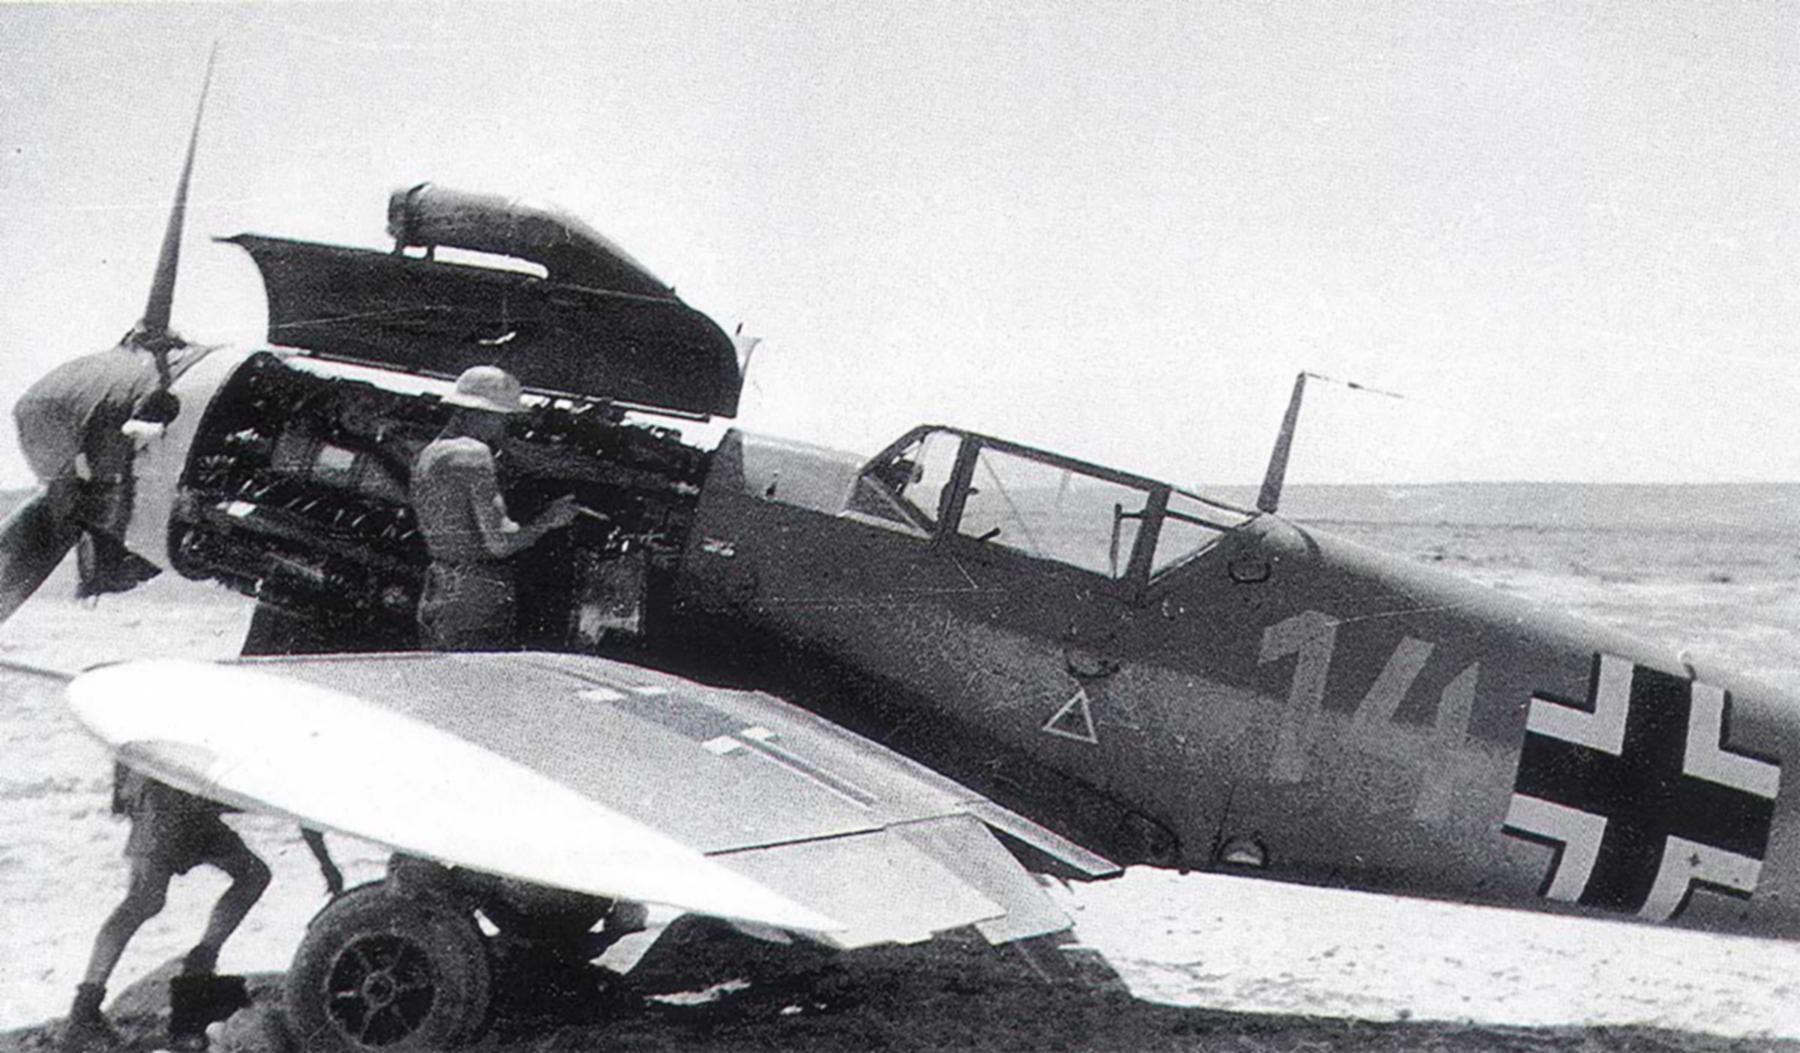 Messerschmitt Bf 109F4Trop 3.JG27 Yellow 14 Hans Joachim Marseille WNr 10137 Africa 21st June 1942 02